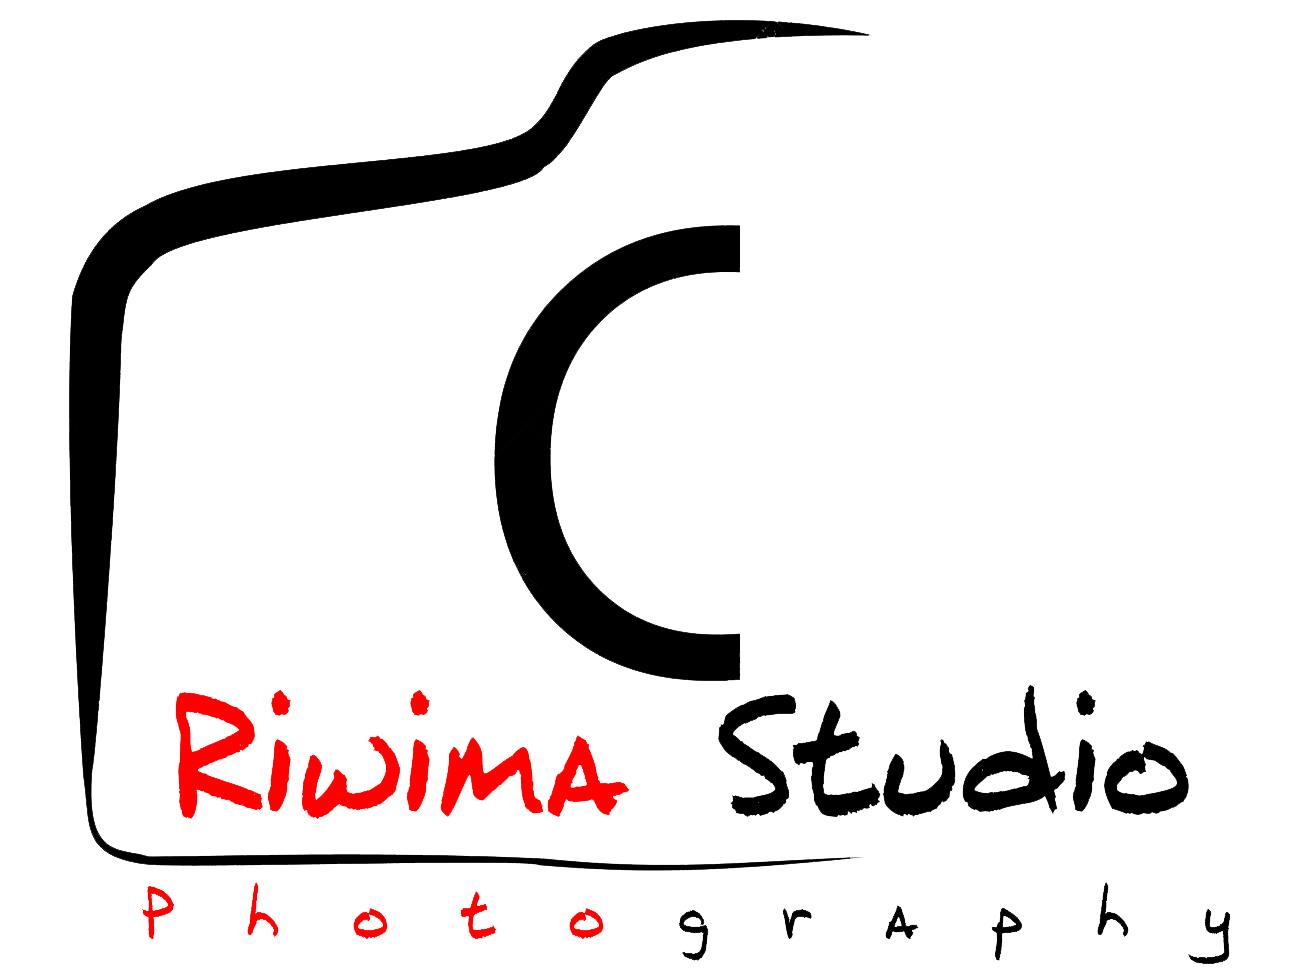 Logo riwima studio